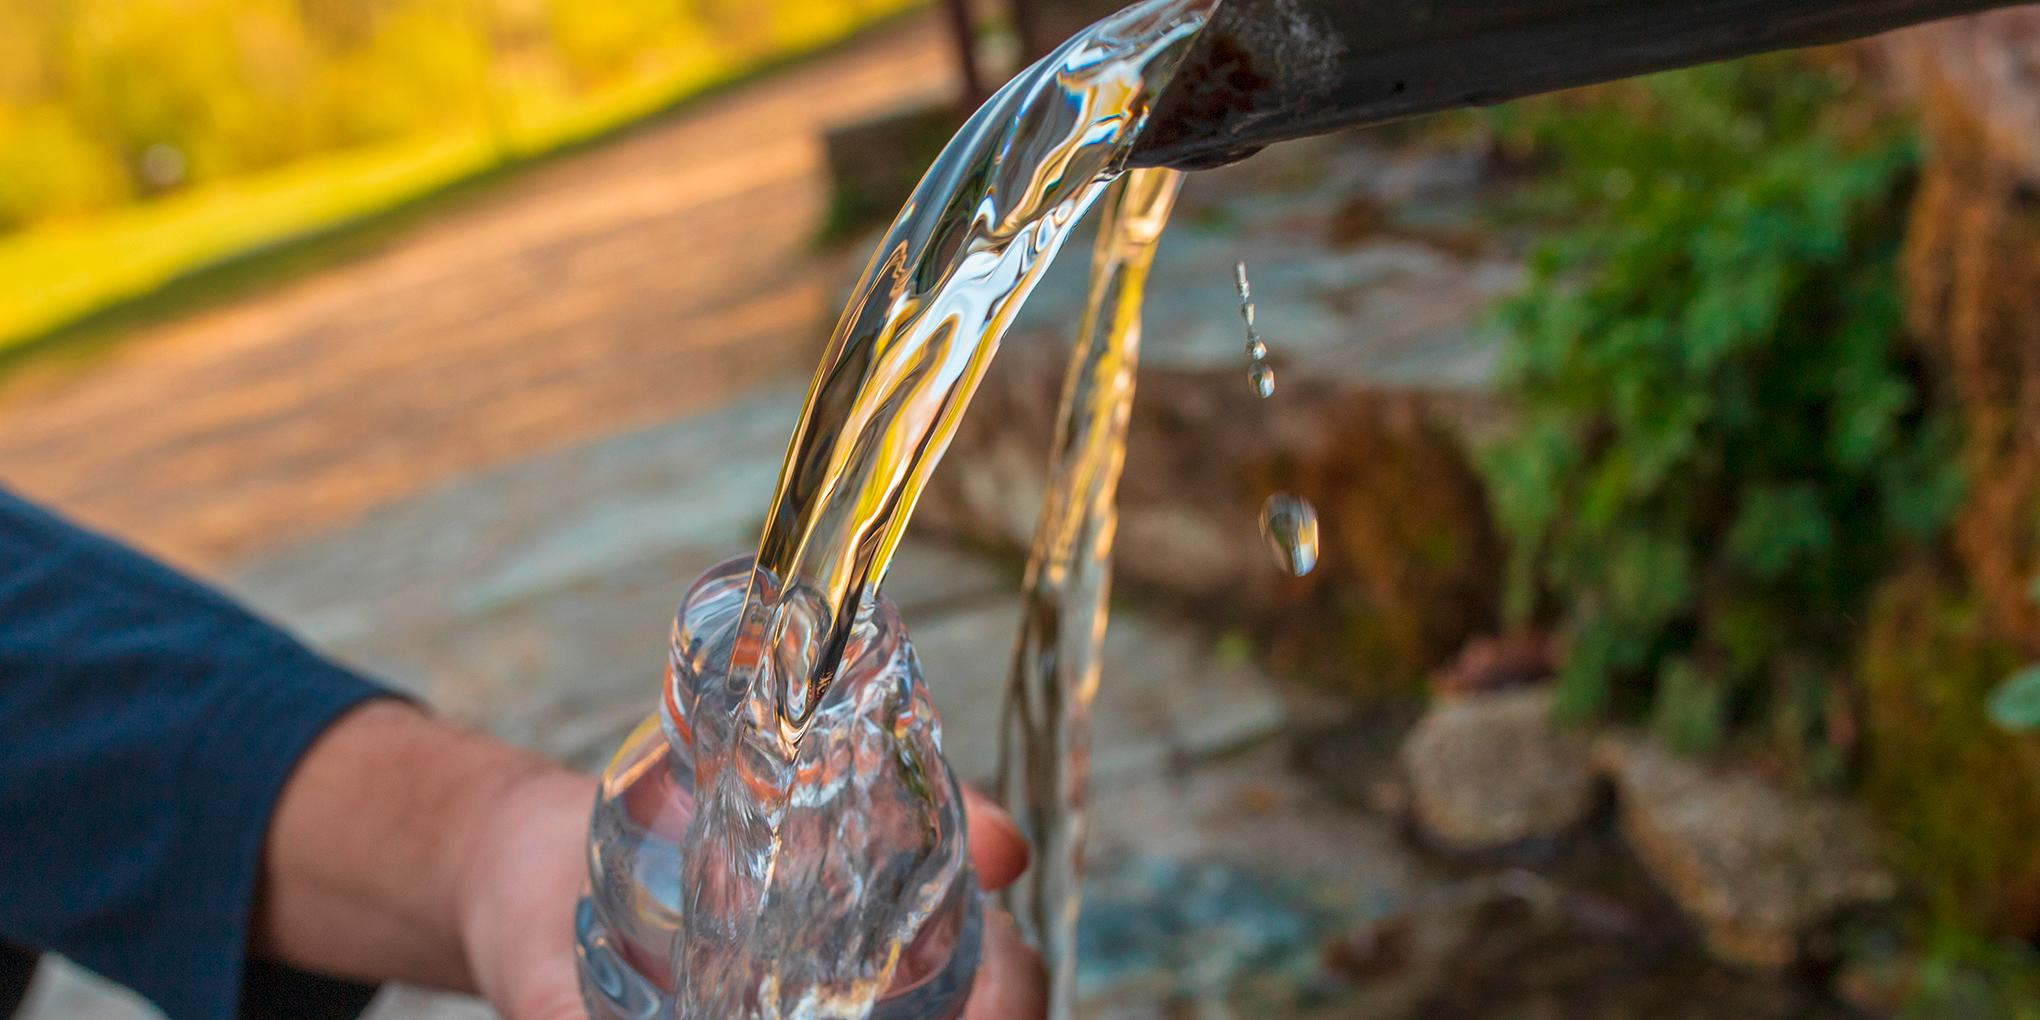 Directement de la source dans votre verre